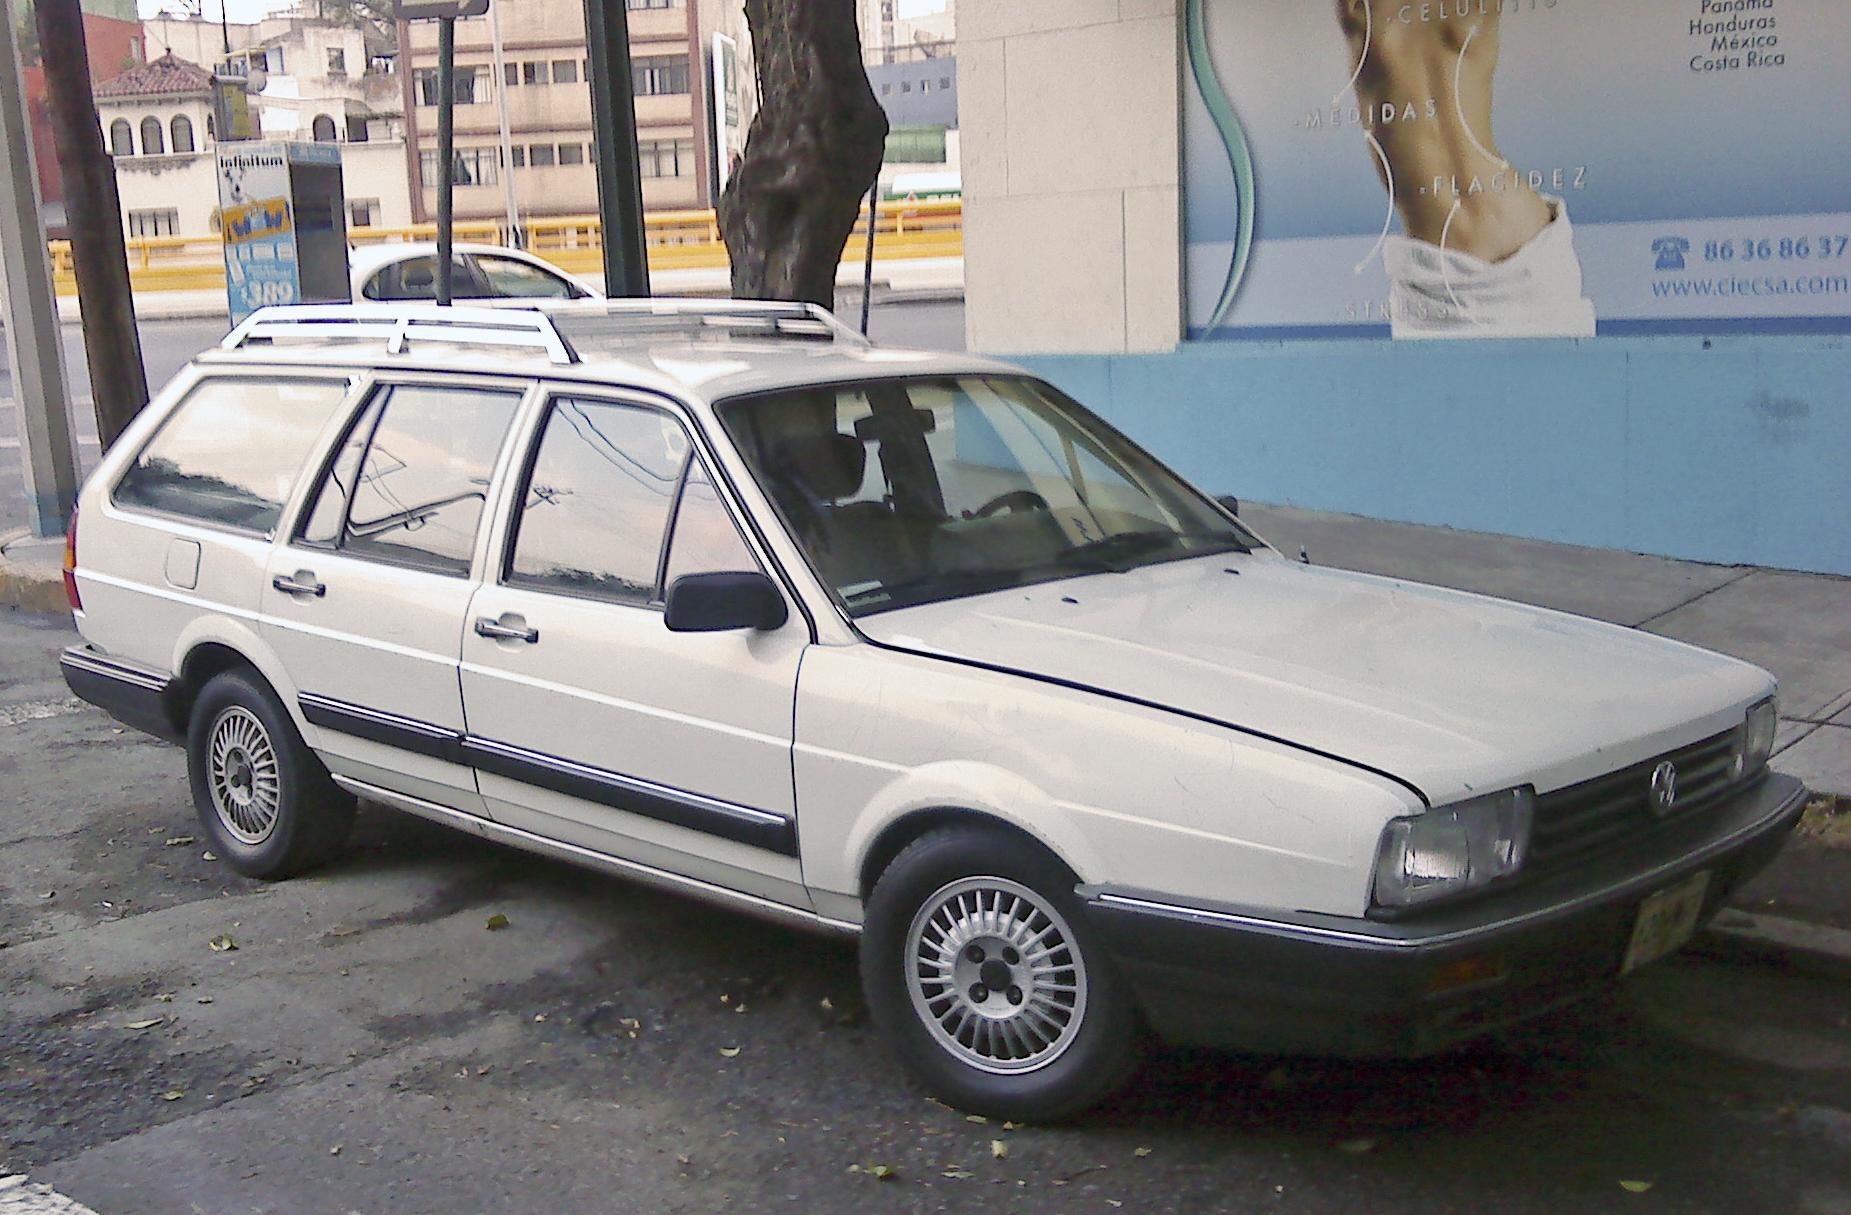 Triangle Dealers - Carros Usados, Autos de Venta en Puerto